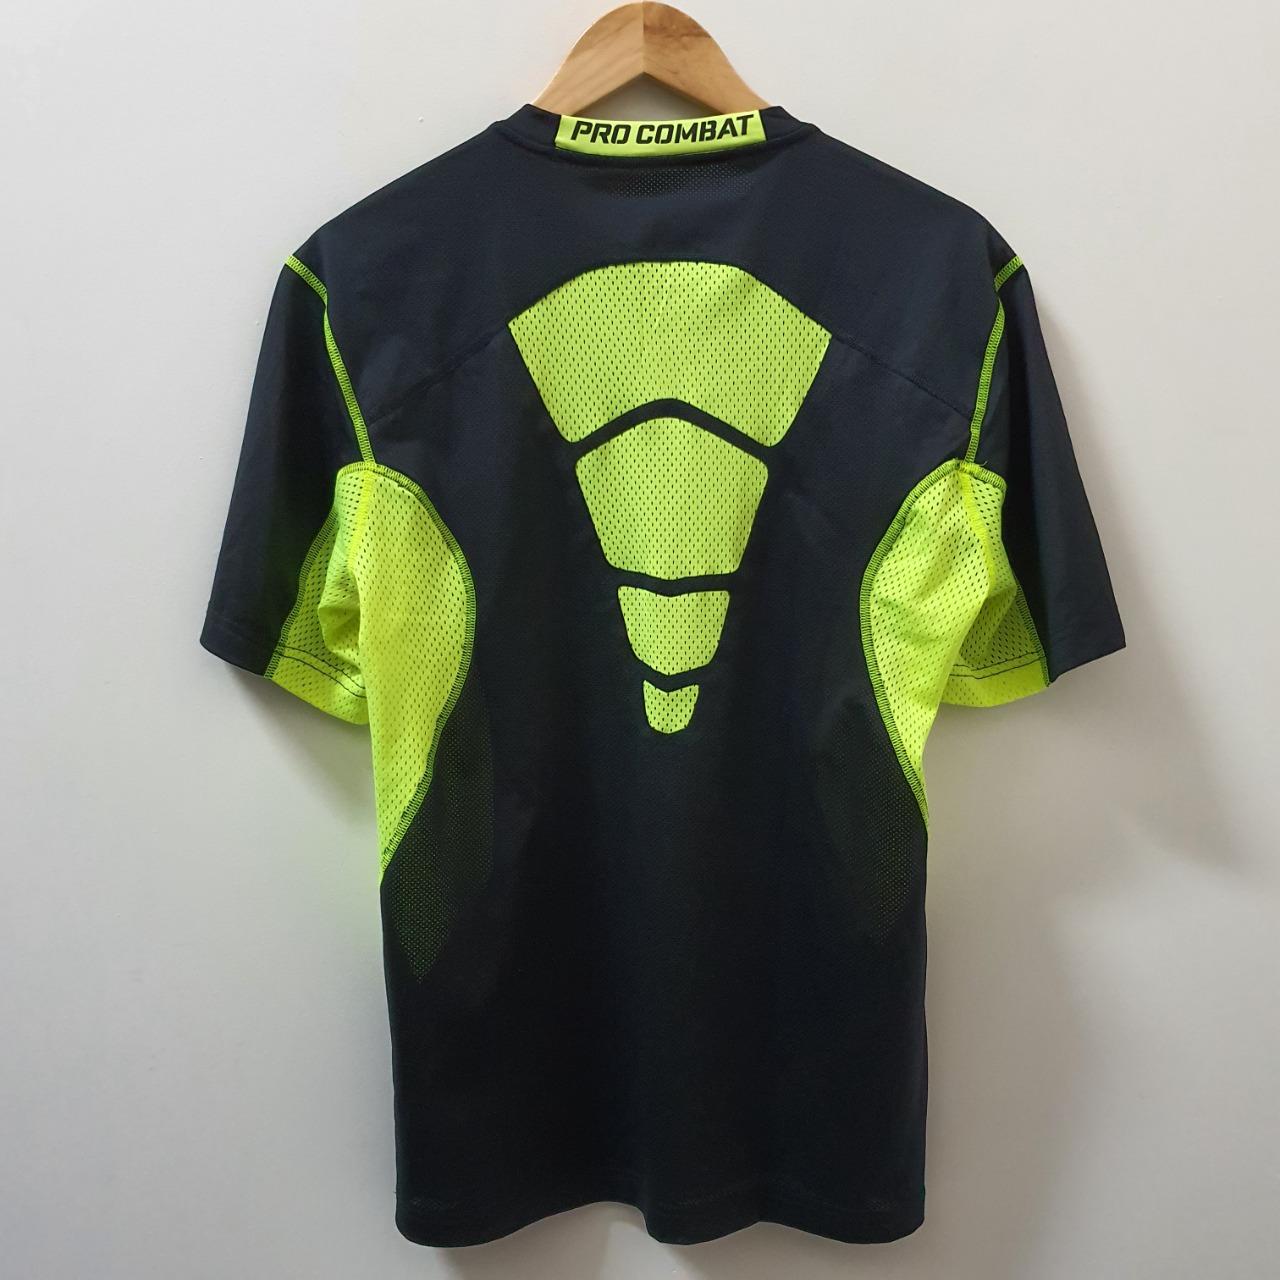 Men's 'Nike' Sports Top - Size M